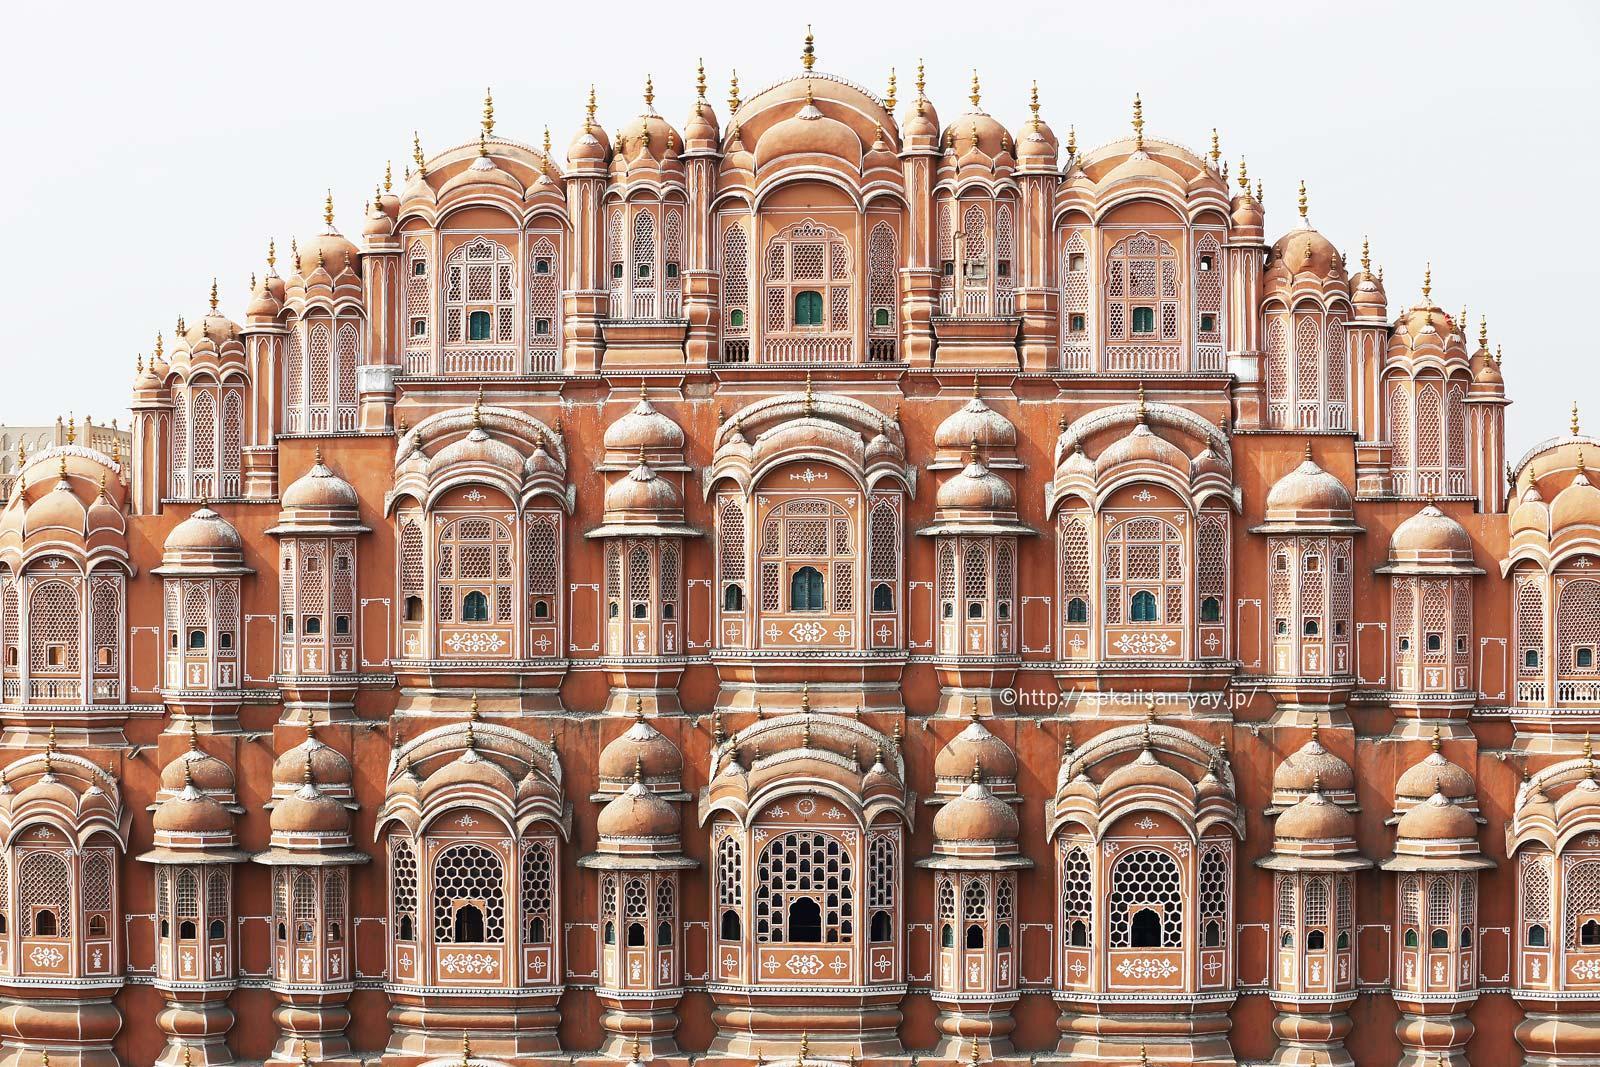 世界遺産フォトギャラリー更新:インド「ラジャスターン州のジャイプール市街」(街並み/シティ・パレス/風の宮殿)